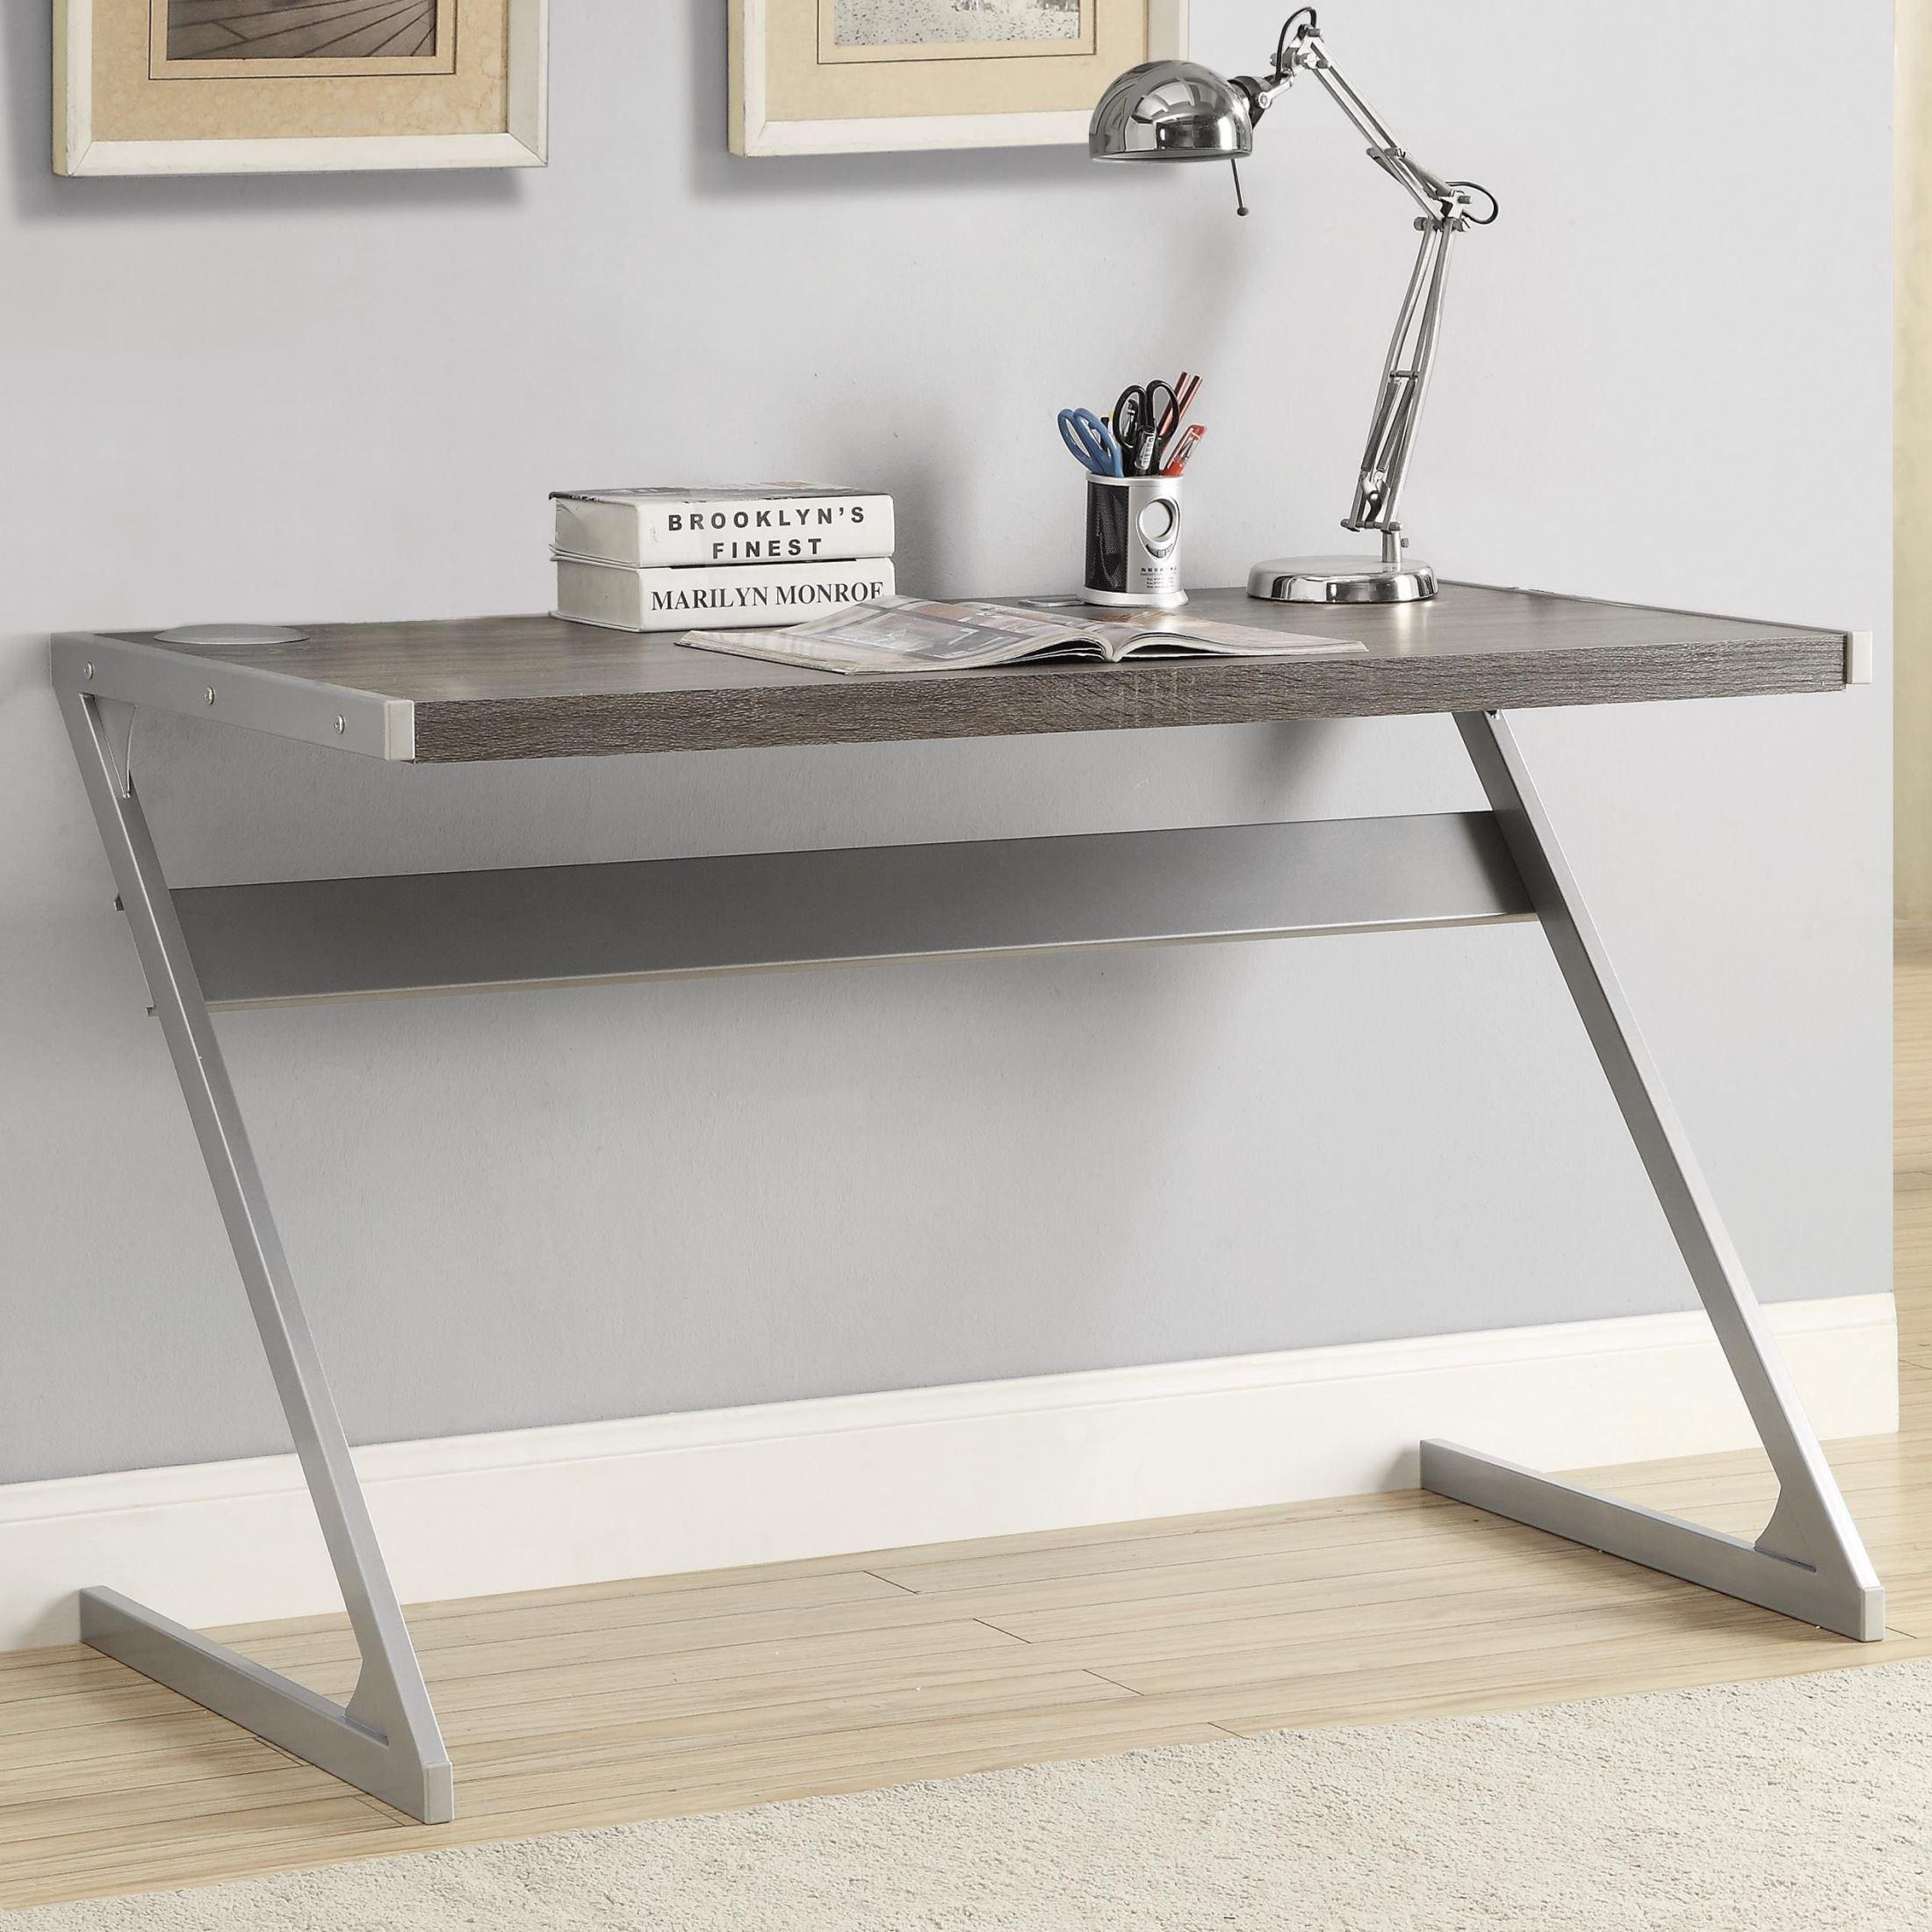 dp gunmetal haven ca riser altra sonoma kitchen amazon oak furniture with home writing gray retro desk